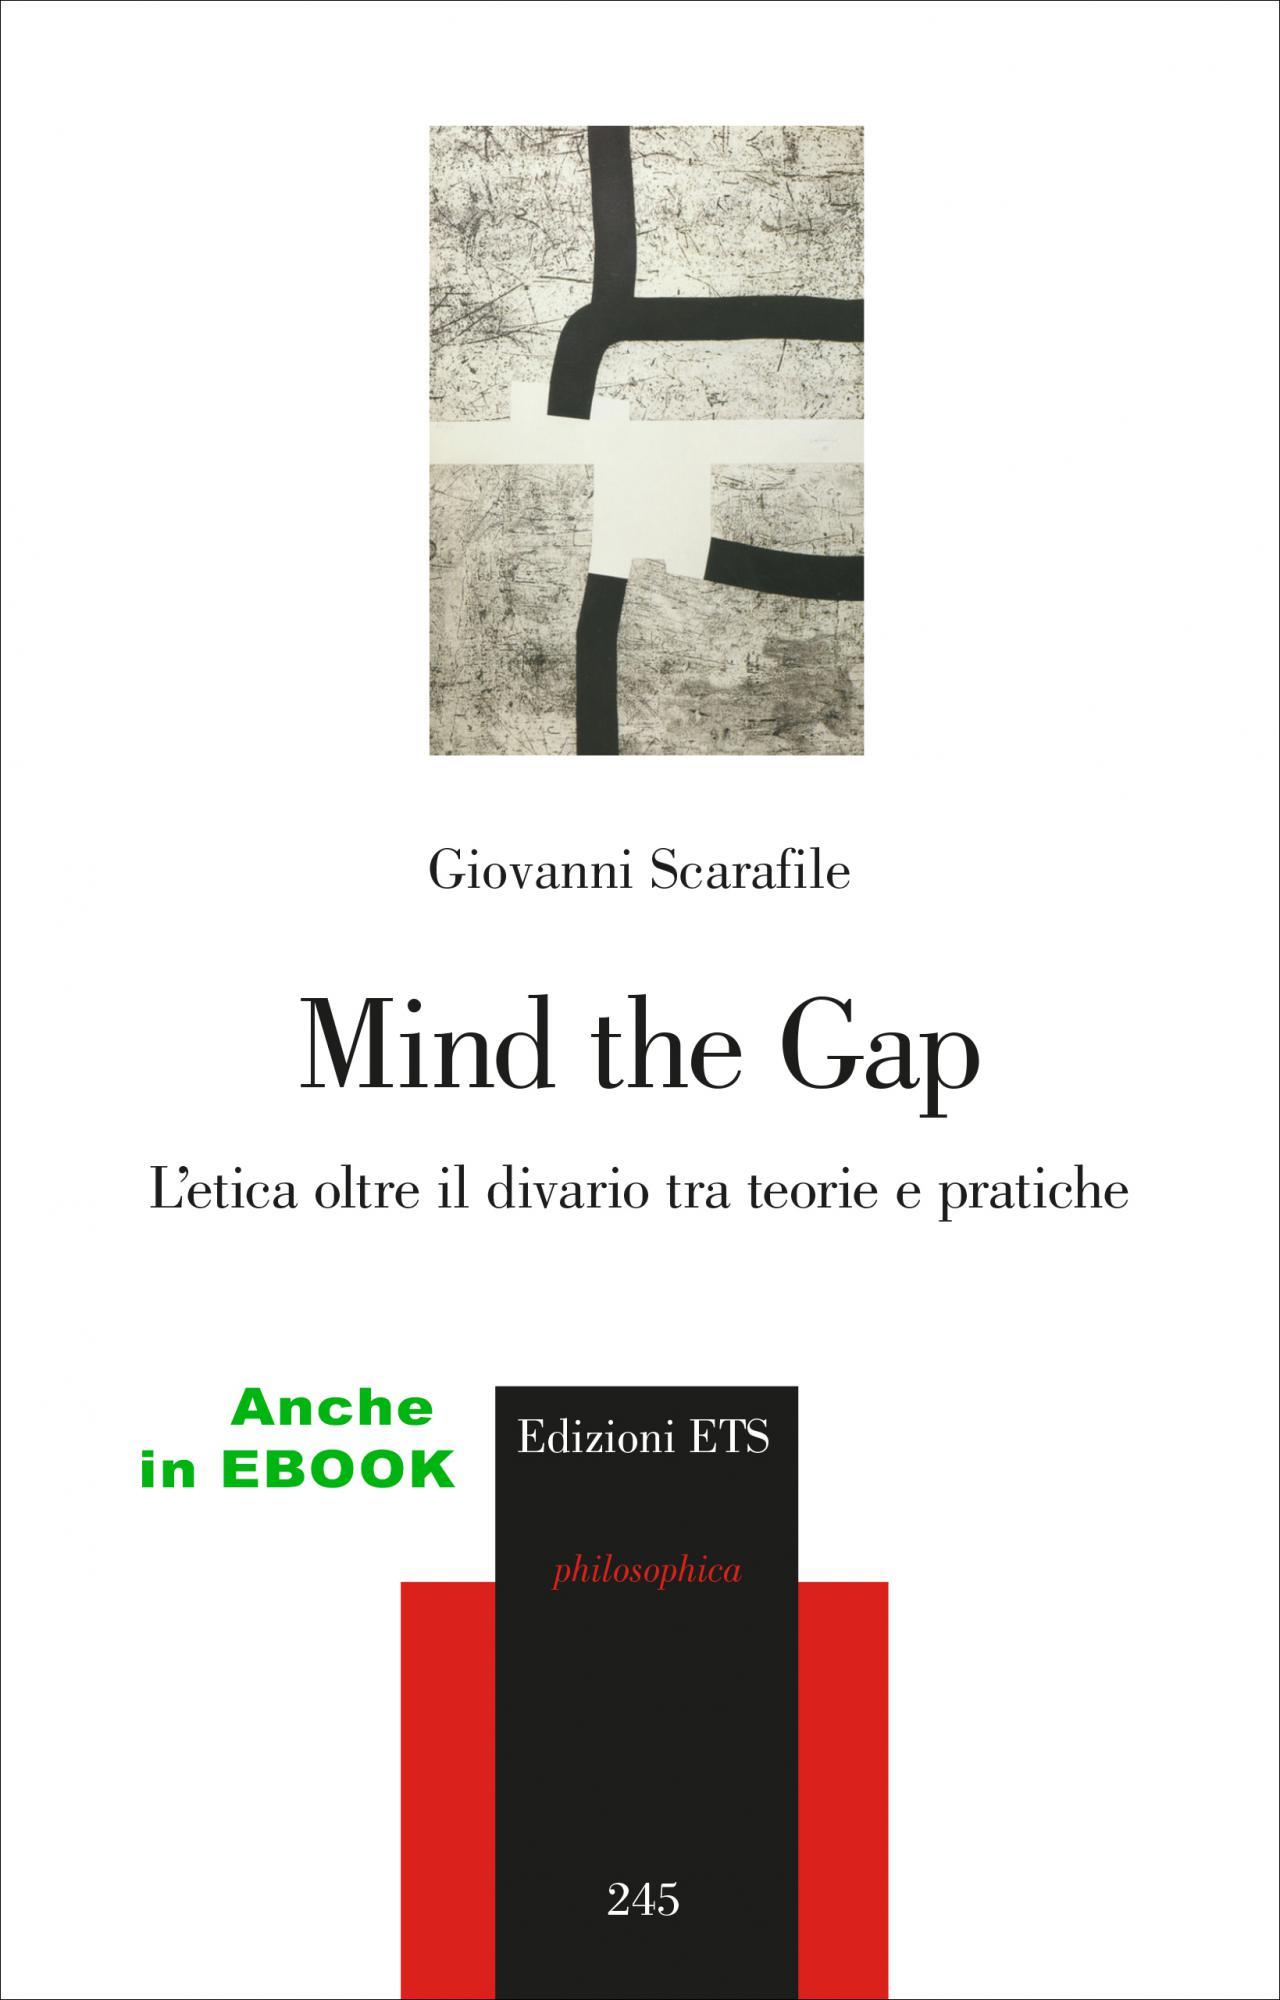 Mind the Gap.L'etica oltre il divario tra teorie e pratiche